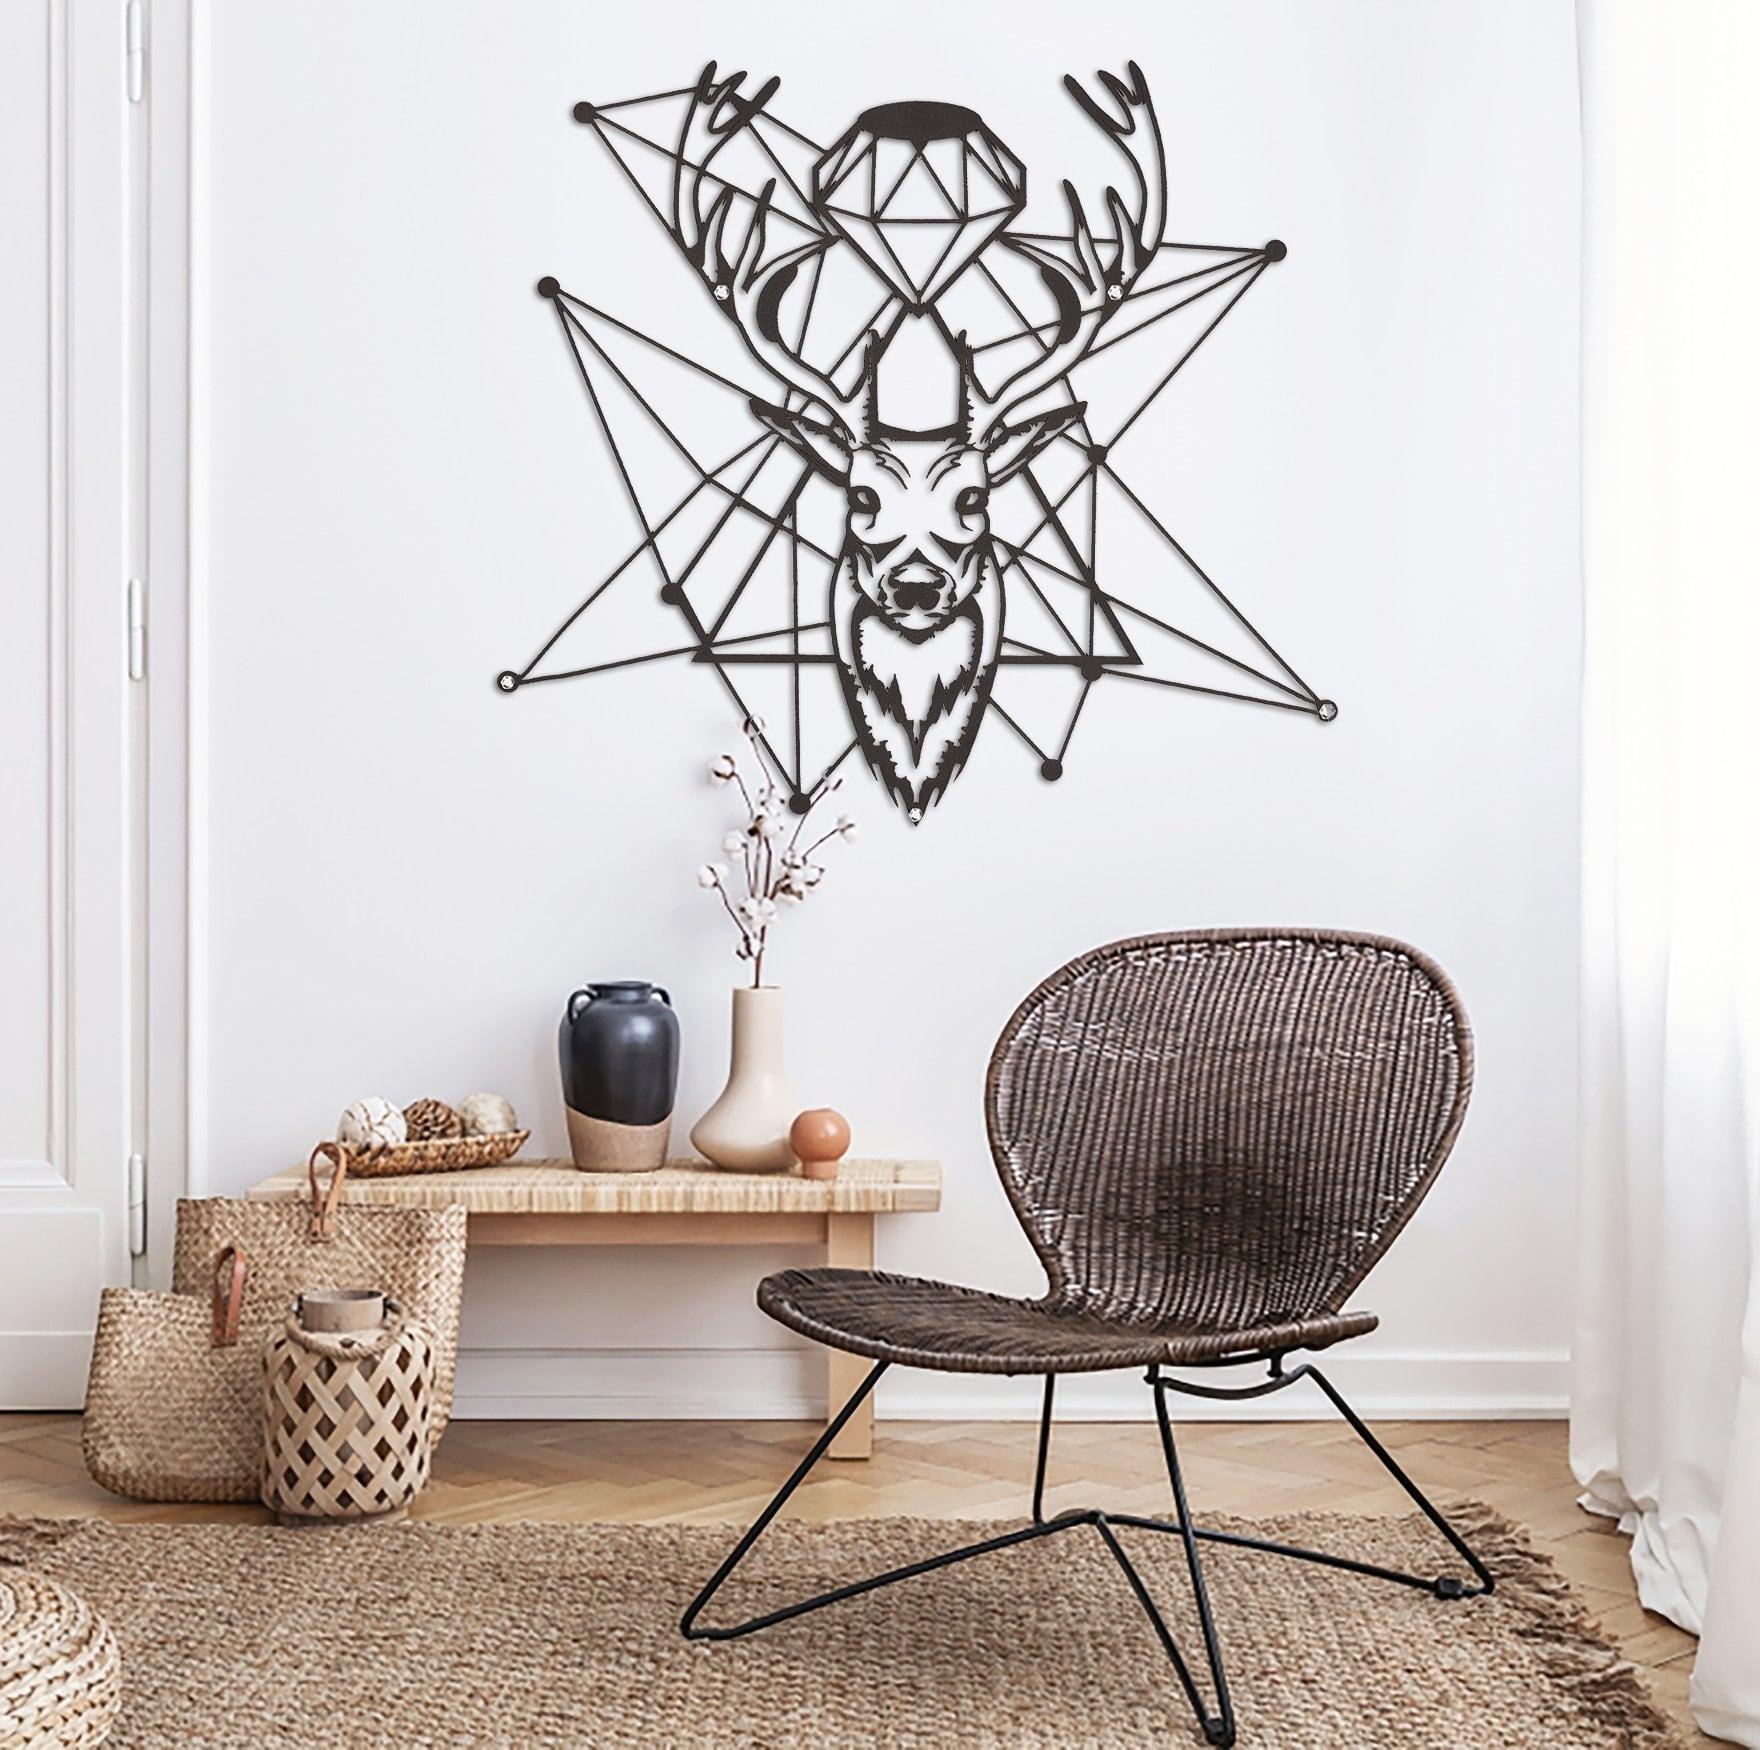 Cerf diamant decoration murale métallique pour une touche nature